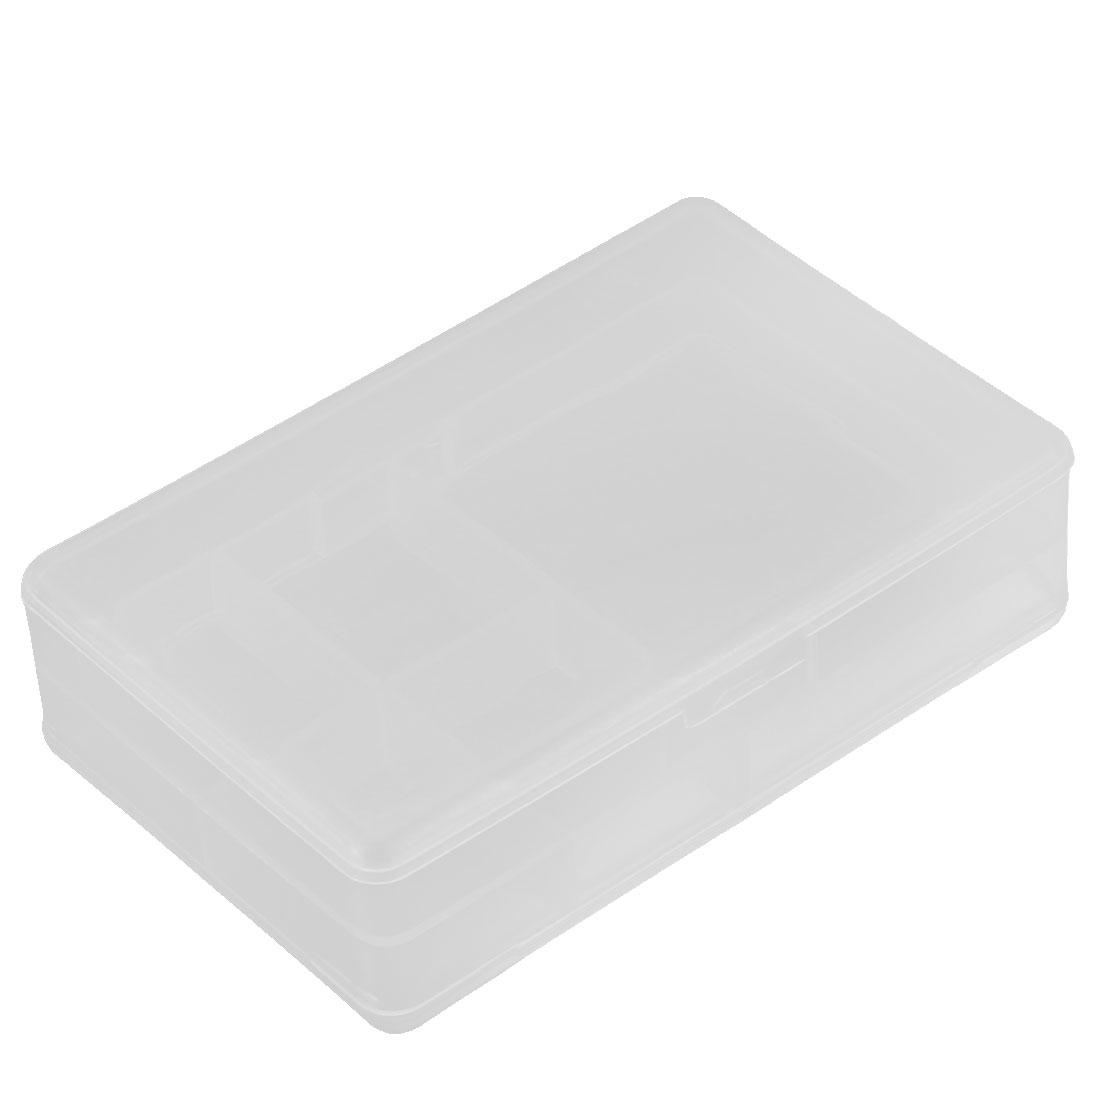 Plastic Dual Layers 5 Compartments Storage Case Box Organizer Conatiner